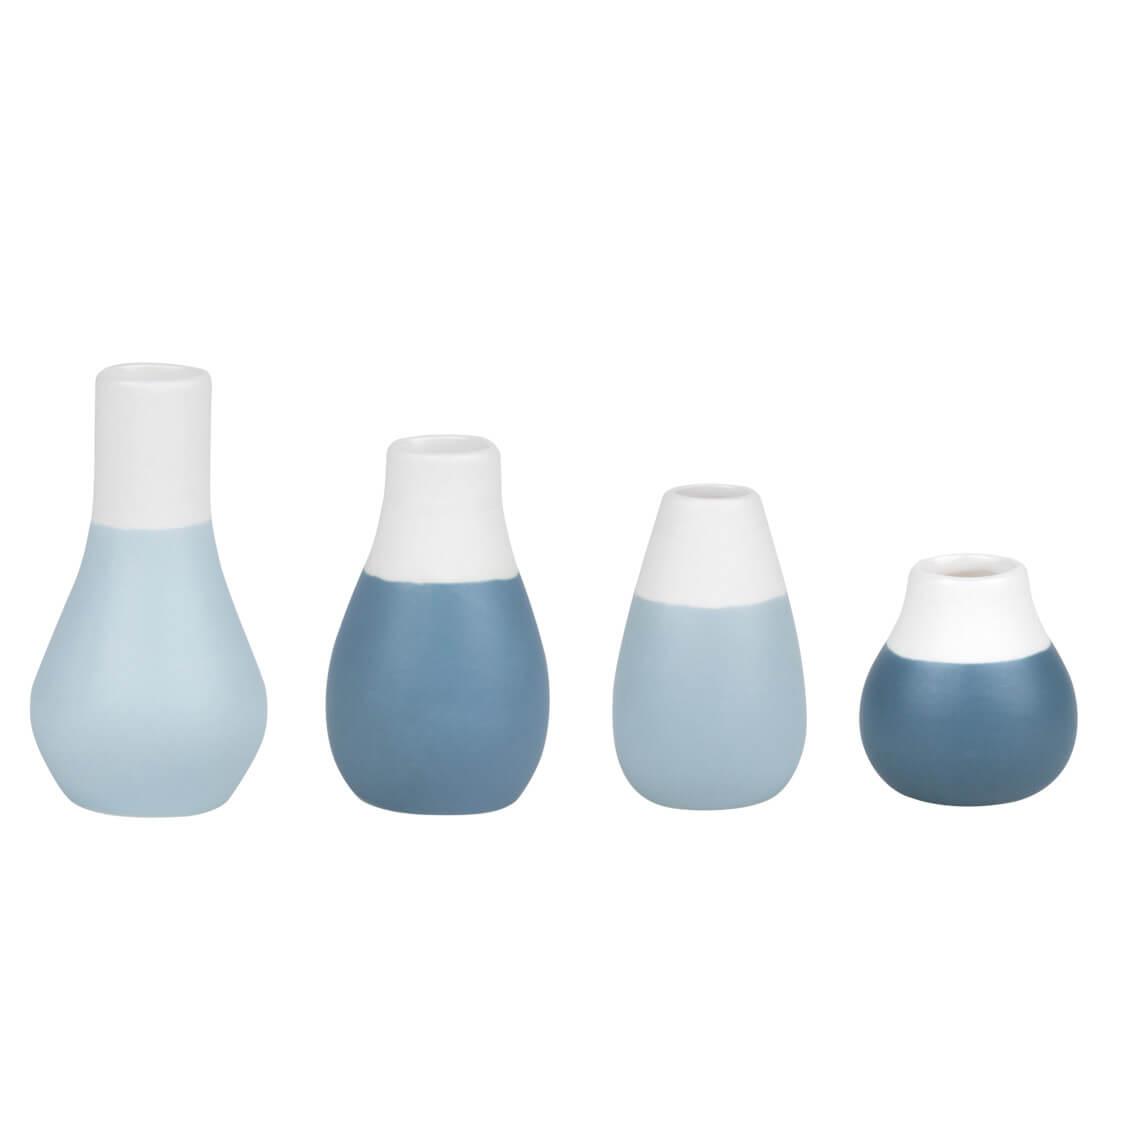 Mini Vasen Blautöne